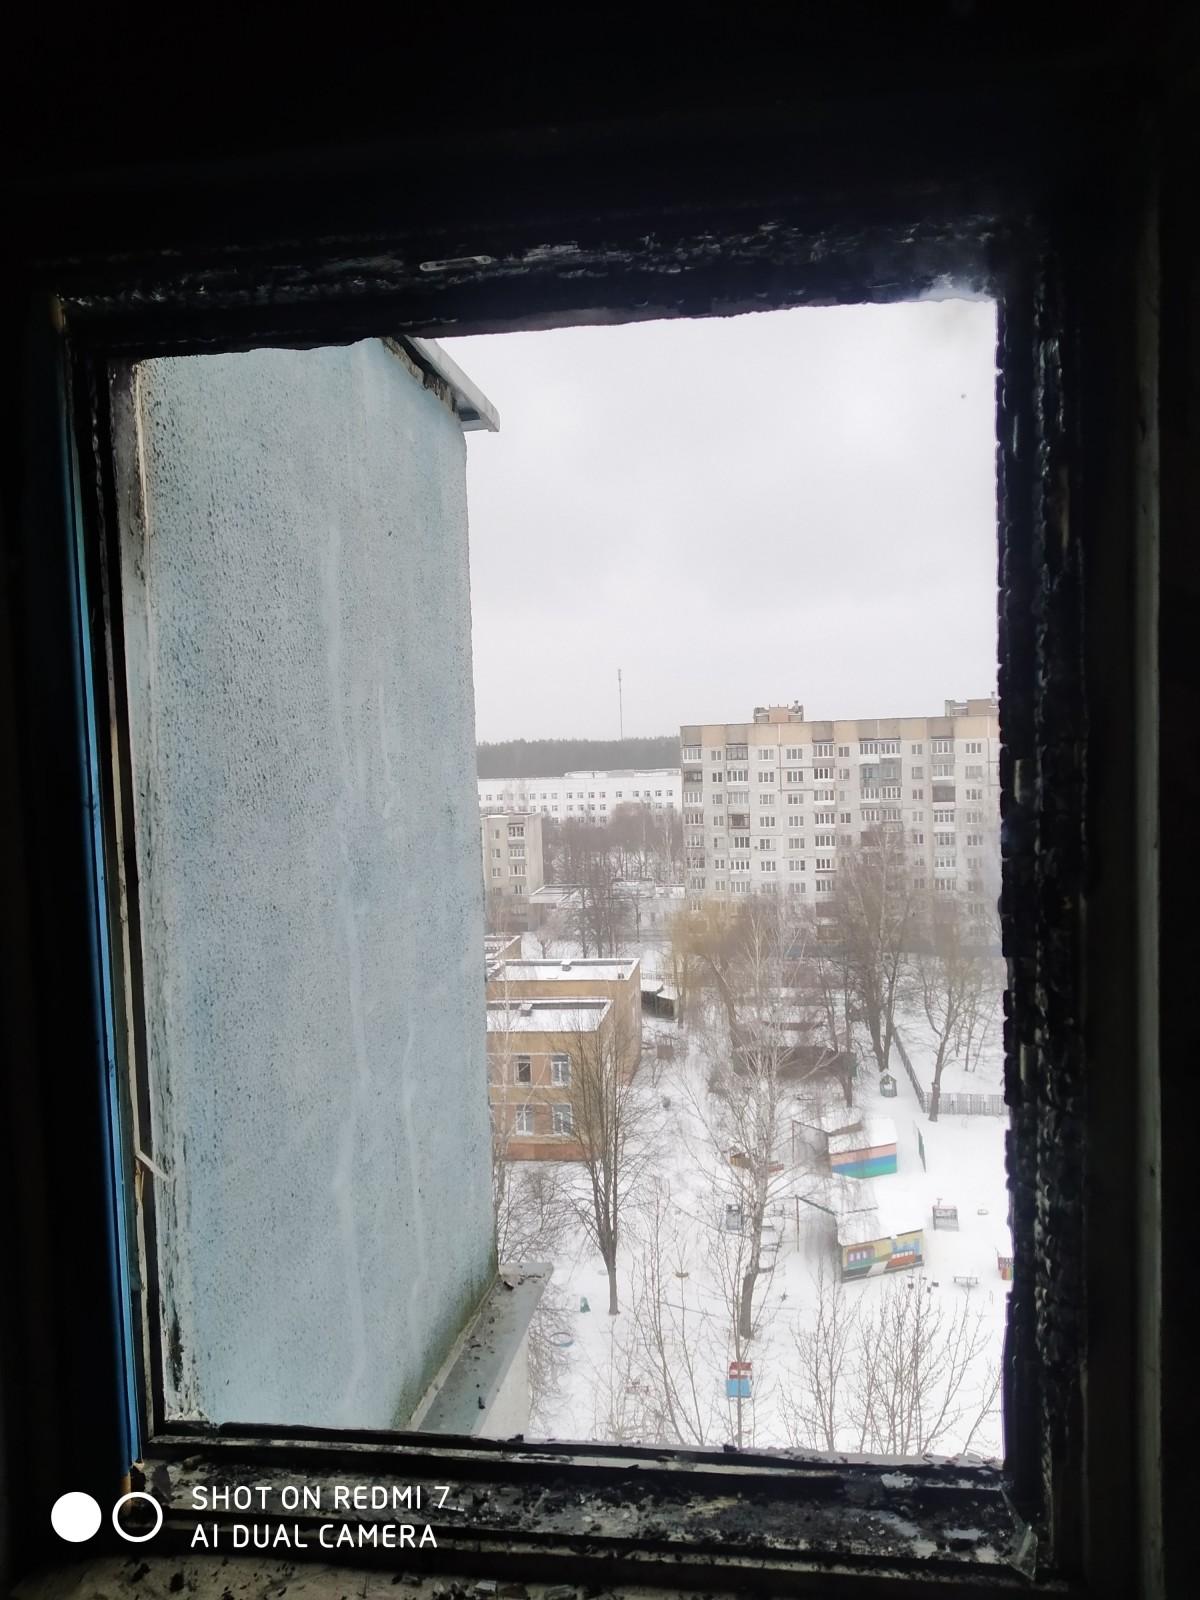 Горели оконная рама и баня: за один день в Бобруйске произошло два пожара